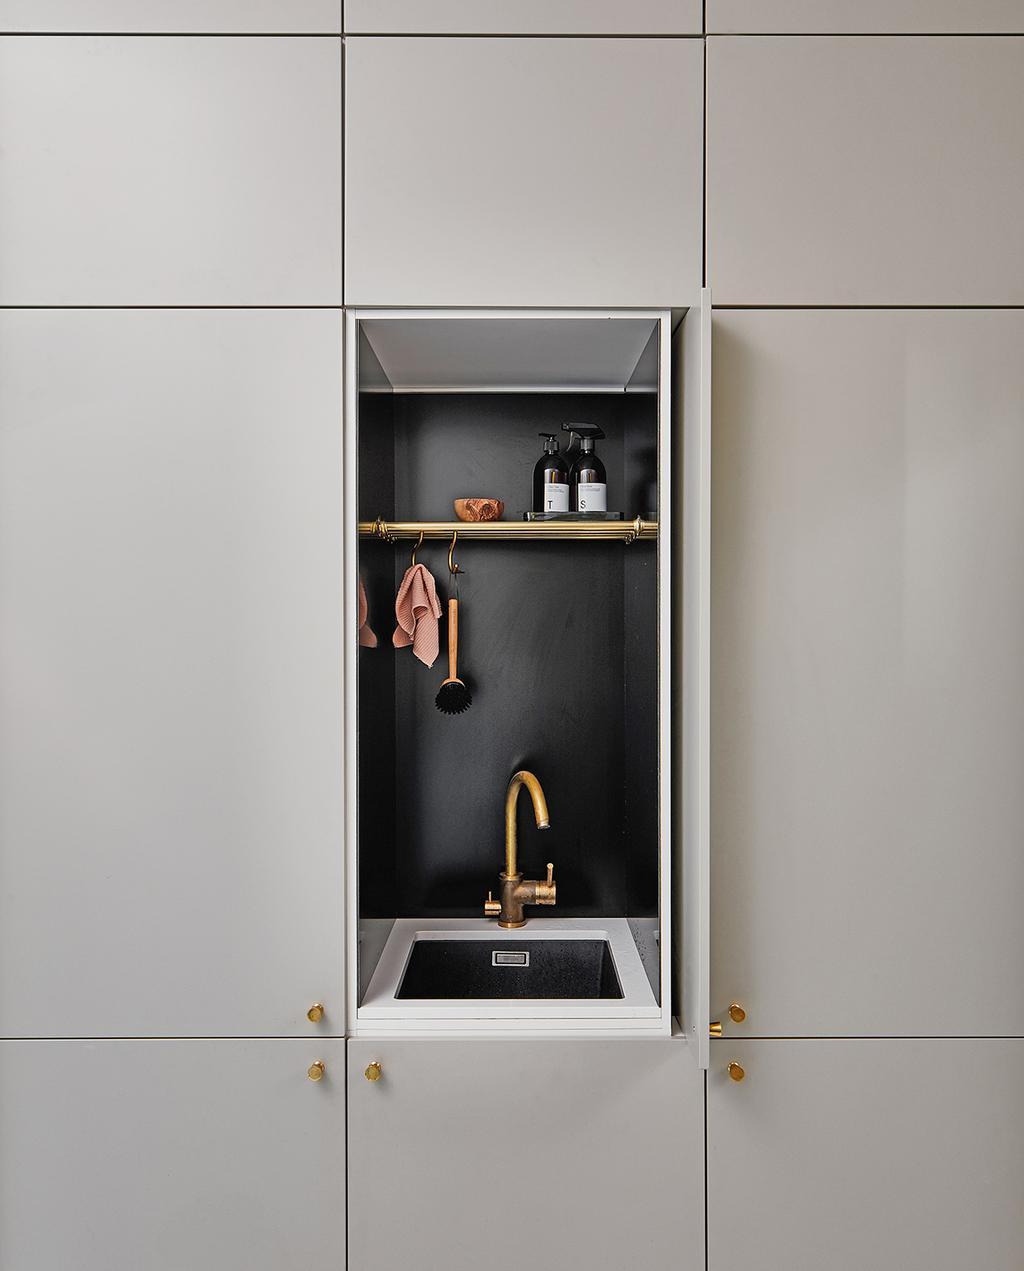 vtwonen special tiny houses | keukenkast met kraan in kast